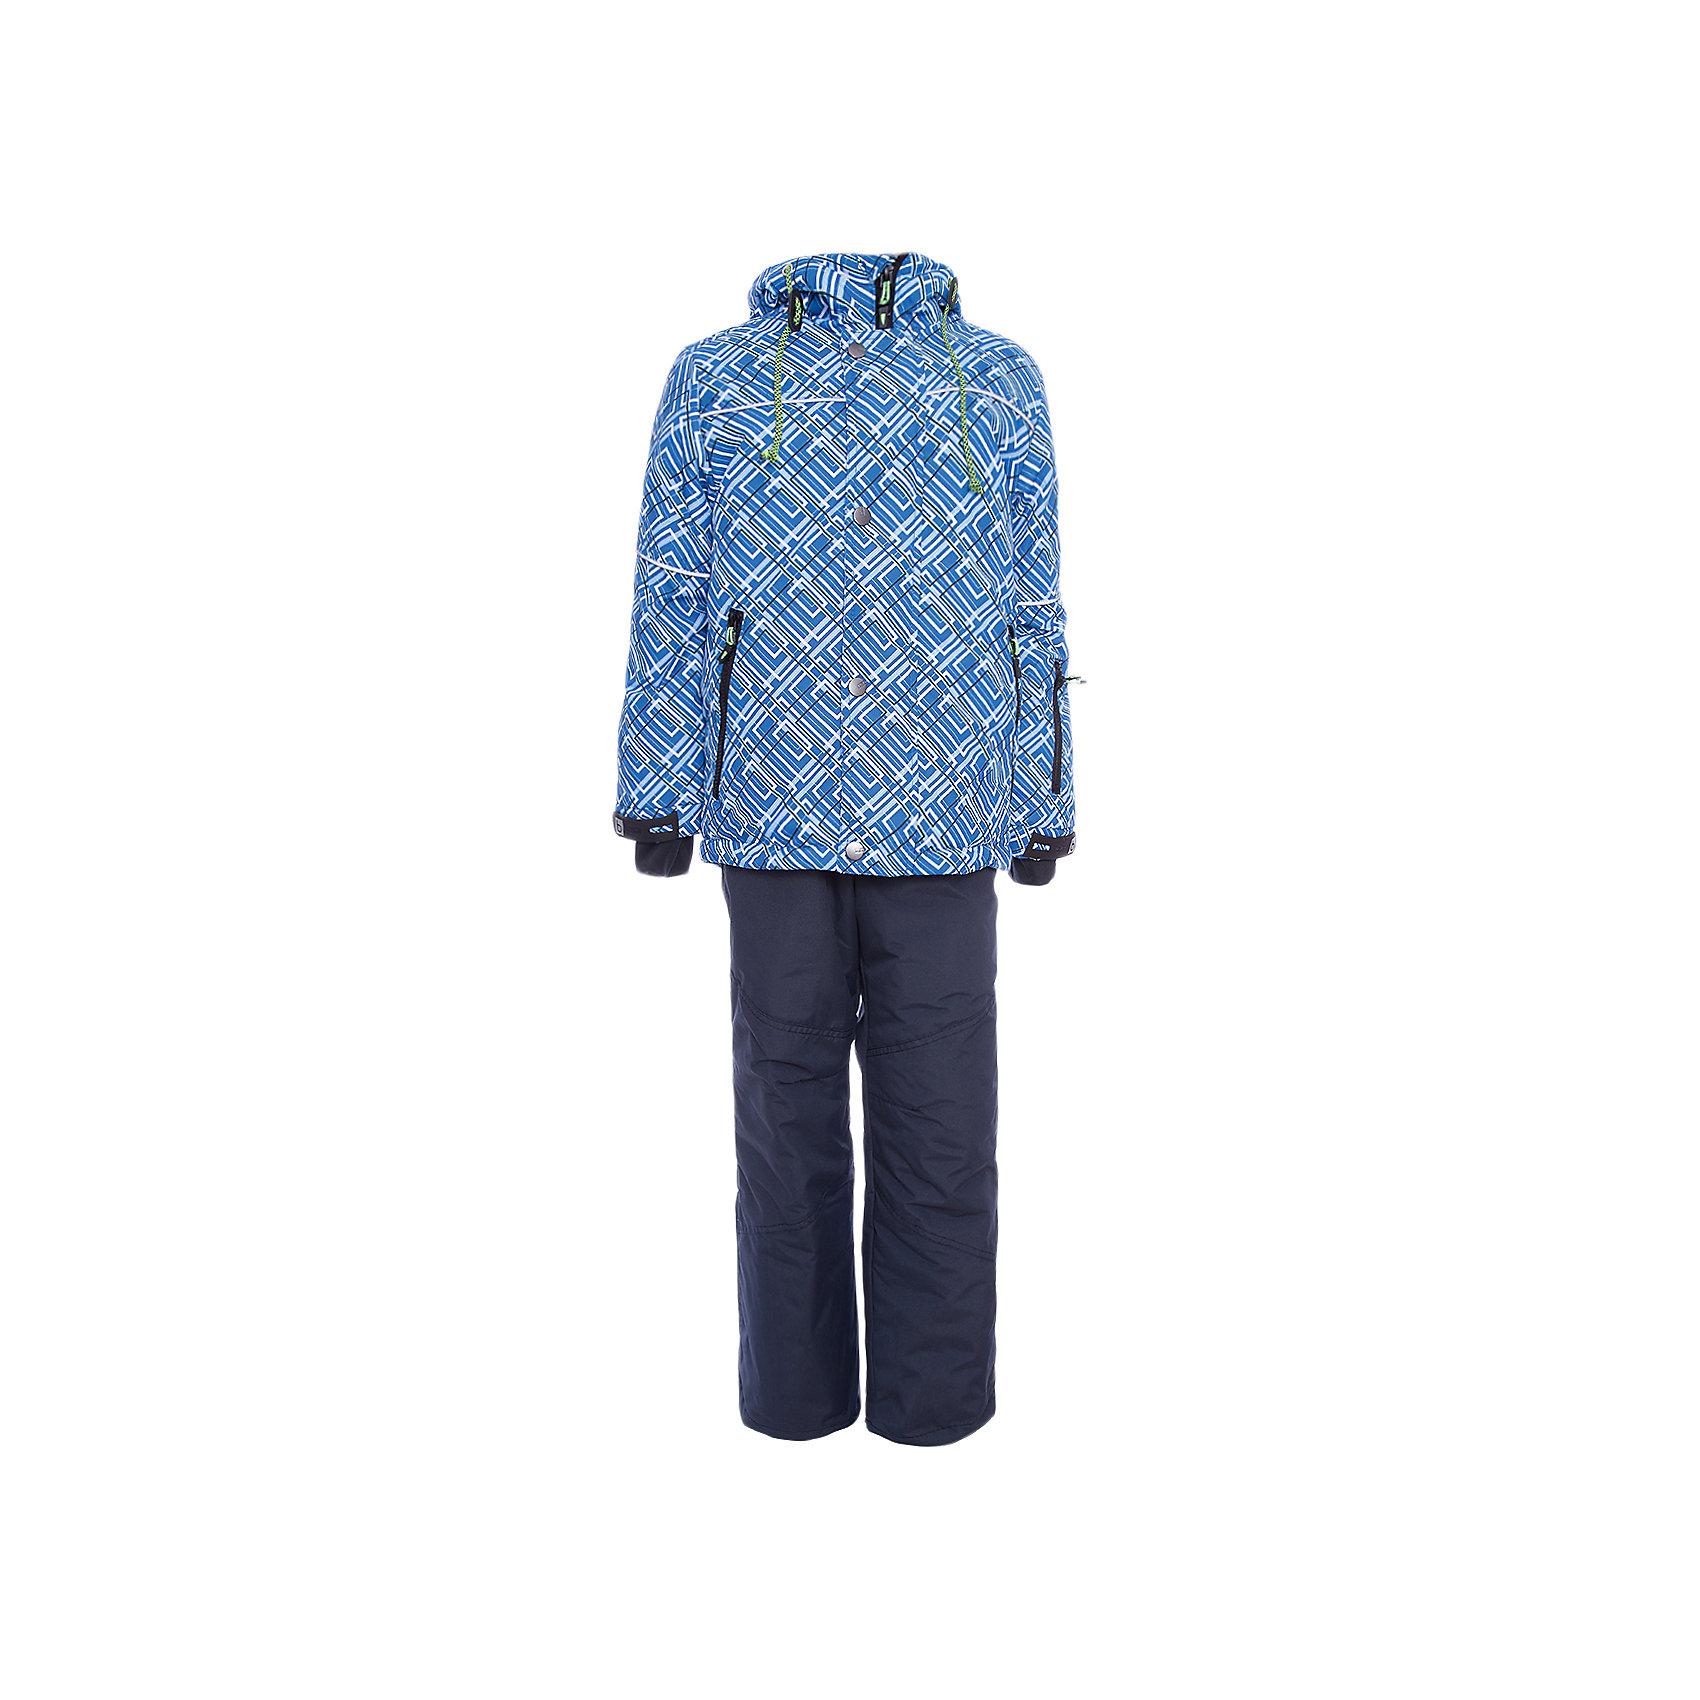 Комплект: куртка и полукомбенизон Юпитер Batik для мальчикаВерхняя одежда<br>Характеристики товара:<br><br>• цвет: синий<br>• комплектация: куртка и полукомбинезон<br>• состав ткани: таслан<br>• подкладка: поларфлис<br>• утеплитель: слайтекс<br>• сезон: зима<br>• мембранное покрытие<br>• температурный режим: от -35 до 0<br>• водонепроницаемость: 5000 мм <br>• паропроницаемость: 5000 г/м2<br>• плотность утеплителя: куртка - 350 г/м2, полукомбинезон - 200 г/м2<br>• застежка: молния<br>• капюшон: без меха, отстегивается<br>• встроенный термодатчик<br>• страна бренда: Россия<br>• страна изготовитель: Россия<br><br>Мягкая подкладка детского комплекта для зимы делает его очень комфортным. Мембранное покрытие такого комплекта для мальчика позволяет ребенку не мерзнуть в сильный мороз. Это зимний комплект для мальчика дополнен удобными карманами и капюшоном. Зимний детский комплект защитит ребенка от попадания снега внутрь благодаря манжетам. <br><br>Комплект: куртка и полукомбинезон Юпитер Batik (Батик) для мальчика можно купить в нашем интернет-магазине.<br><br>Ширина мм: 356<br>Глубина мм: 10<br>Высота мм: 245<br>Вес г: 519<br>Цвет: синий<br>Возраст от месяцев: 120<br>Возраст до месяцев: 132<br>Пол: Мужской<br>Возраст: Детский<br>Размер: 146,122,128,134,140<br>SKU: 7028335